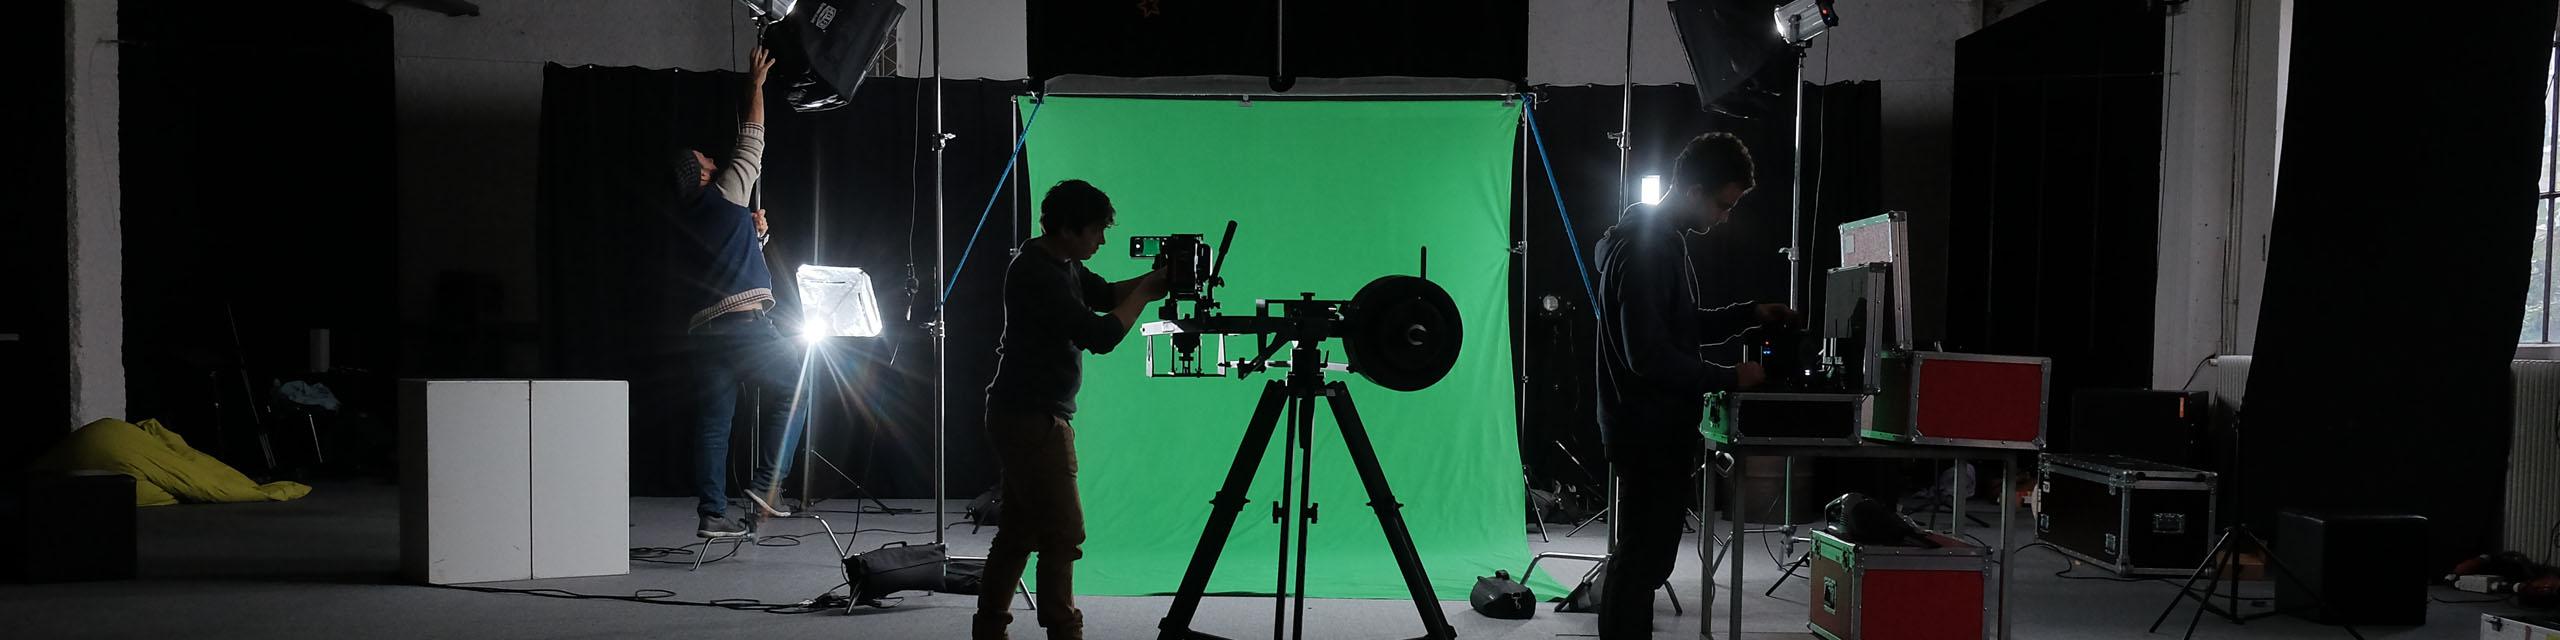 Team & Skills: Greenscreen Dreh mit Kameramann